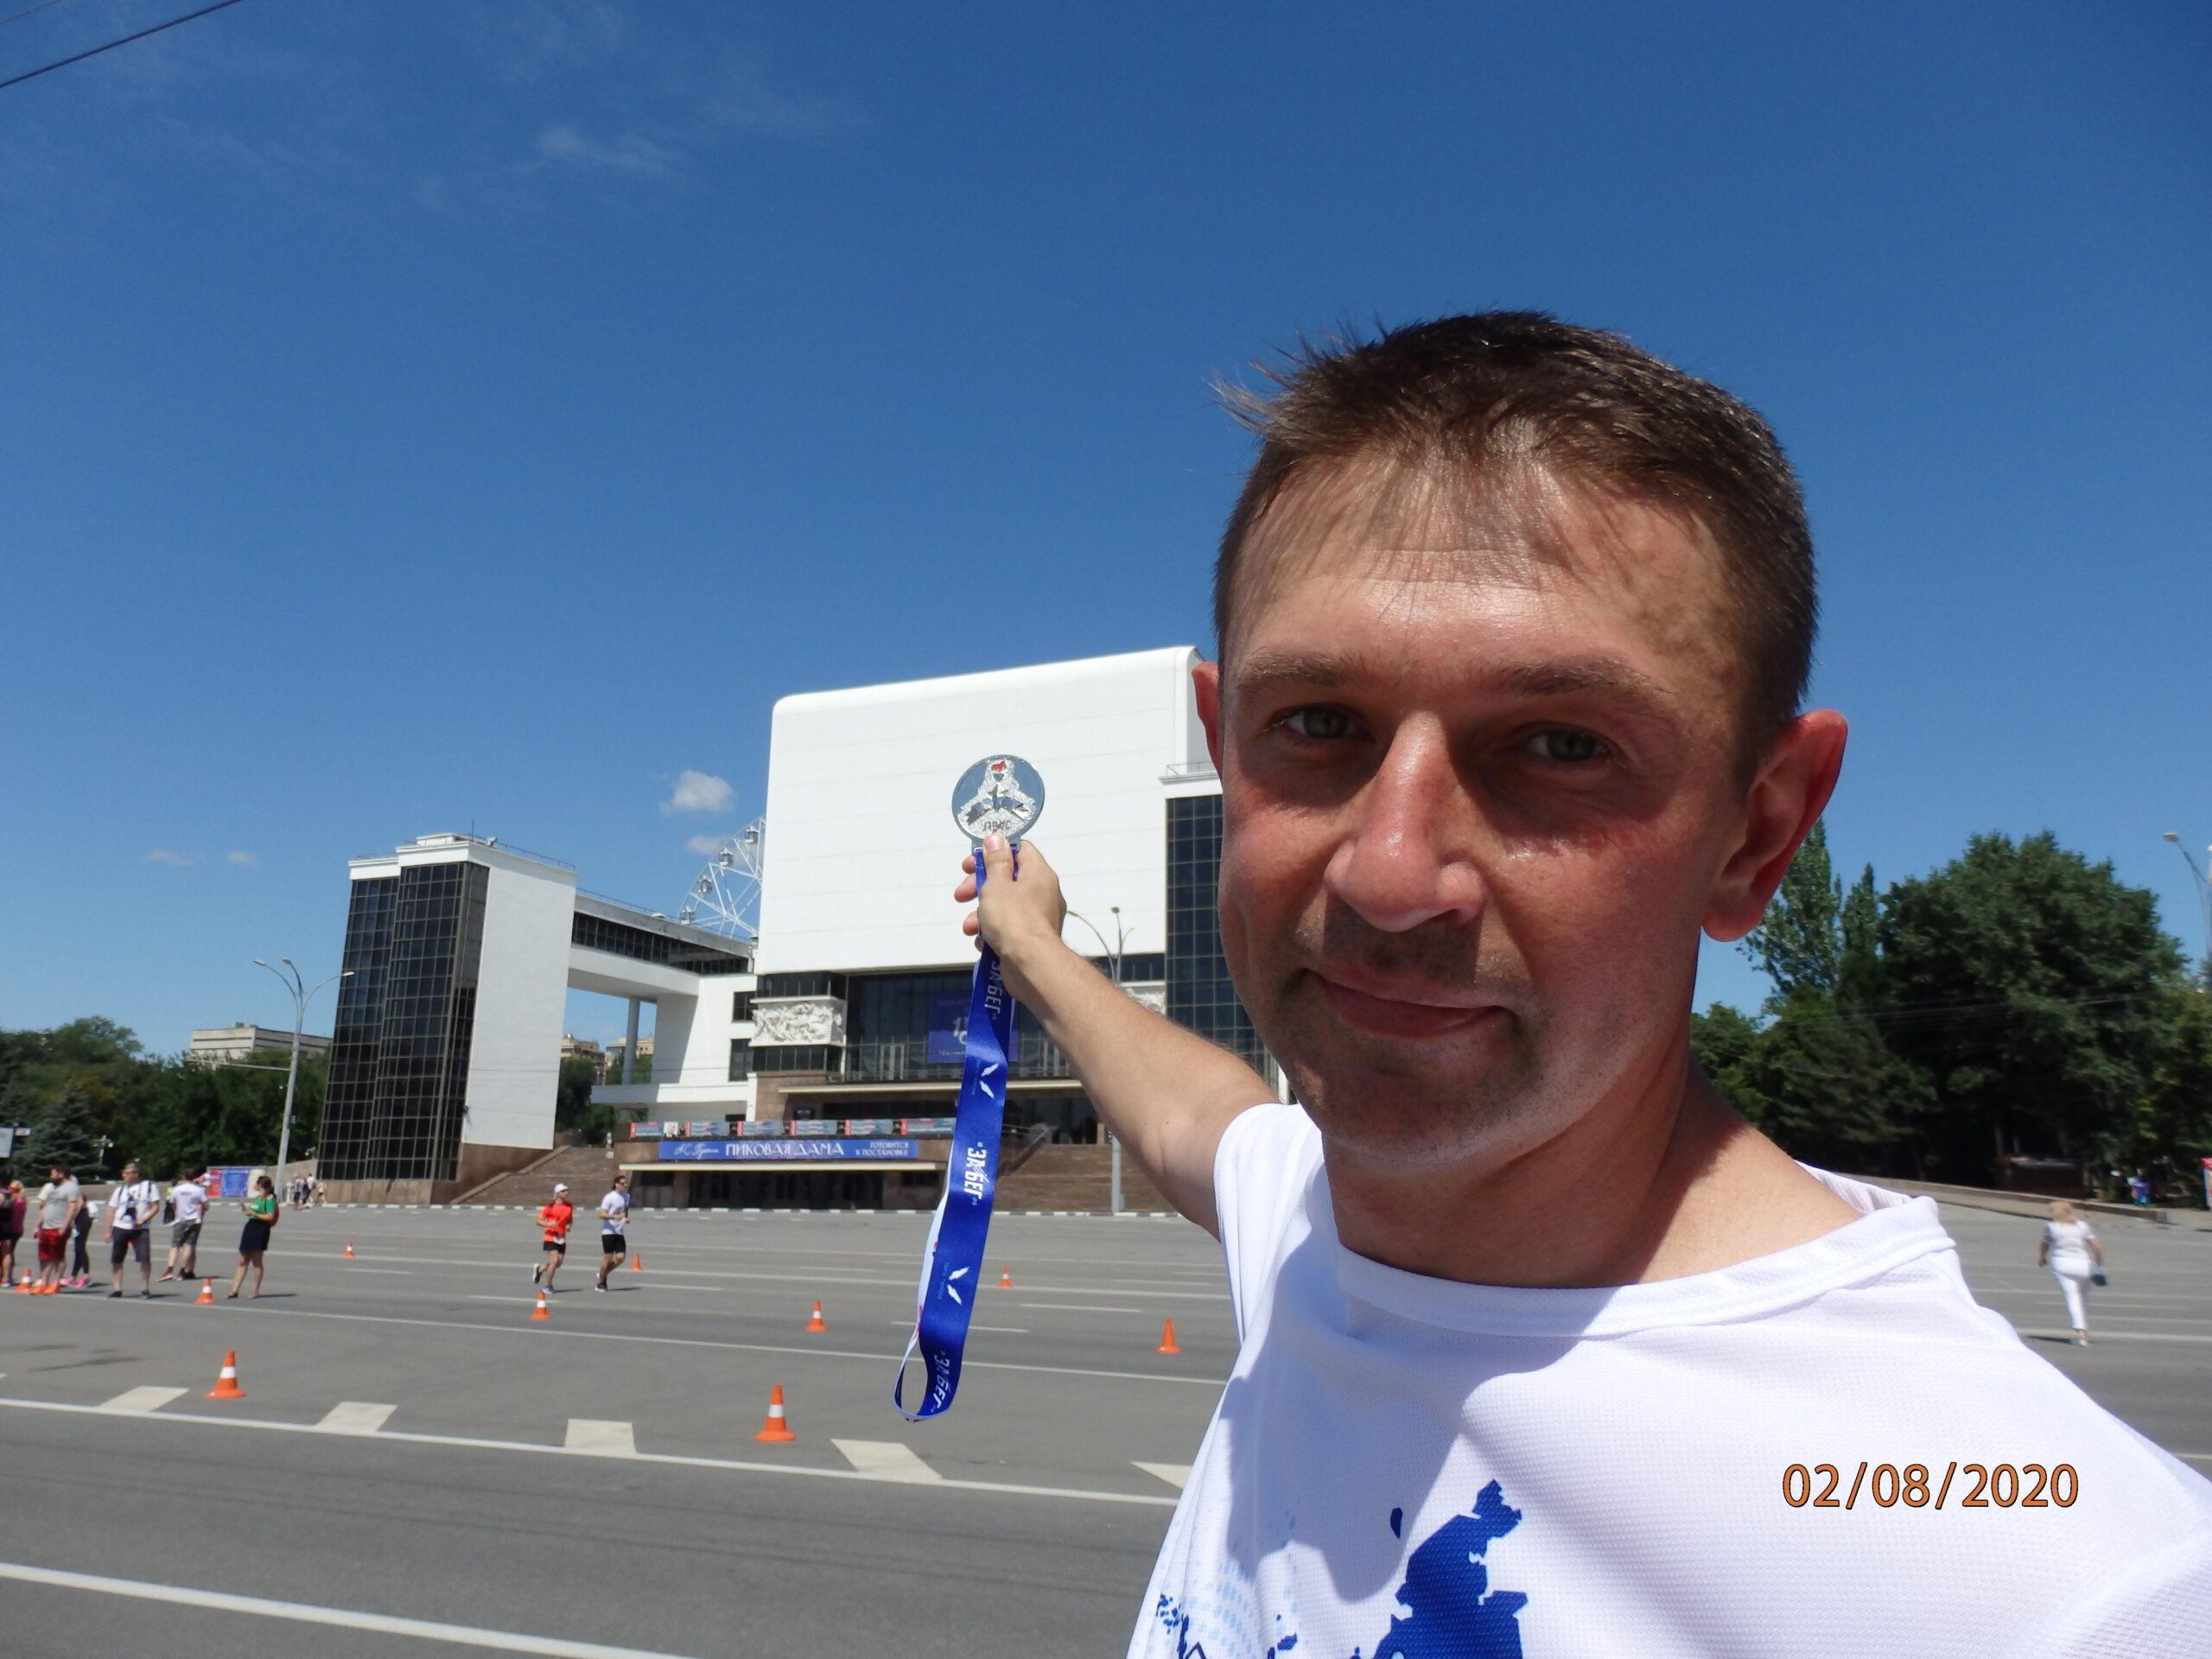 Альбом «Забег.РФ» 02.08.2020 Ростов-на-Дону